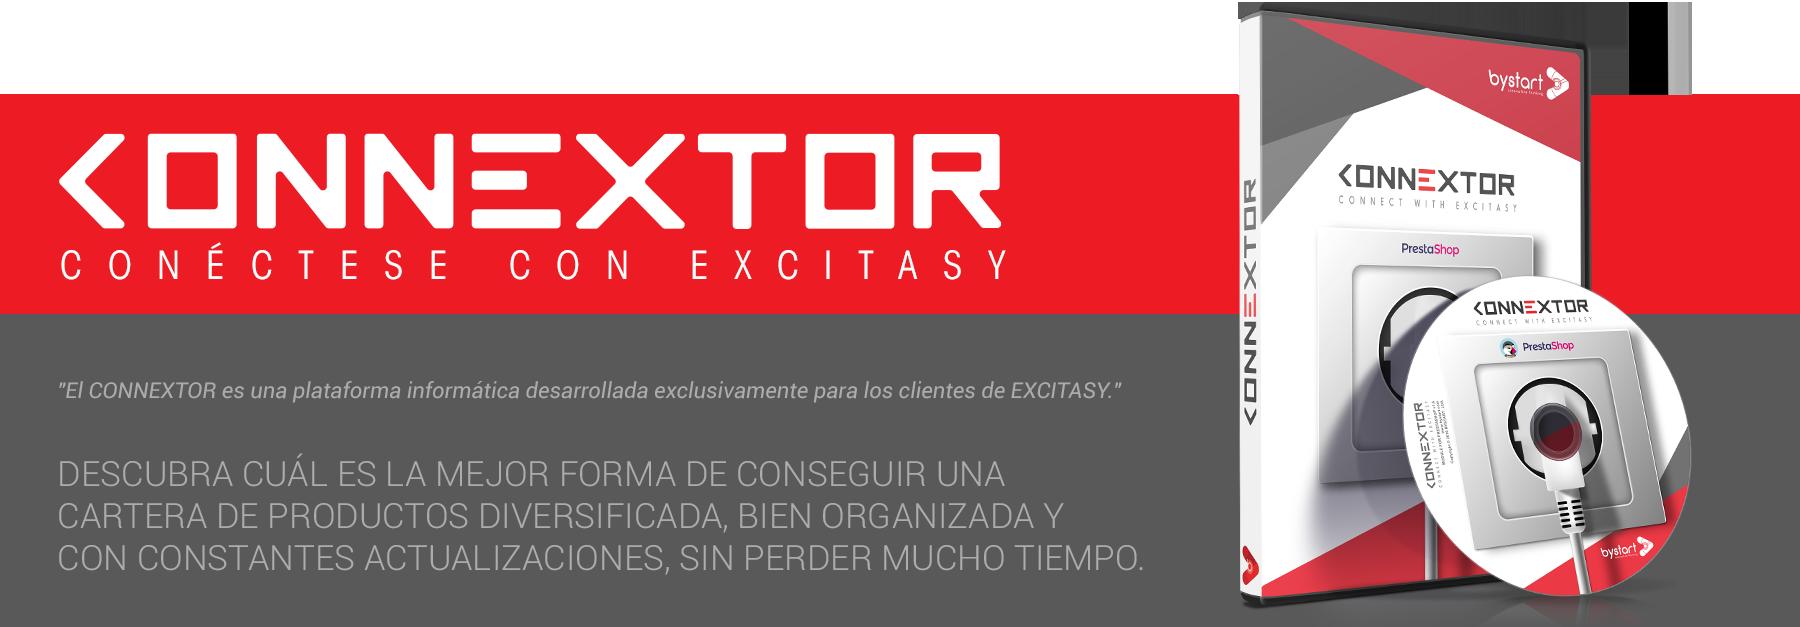 excitasy connextor